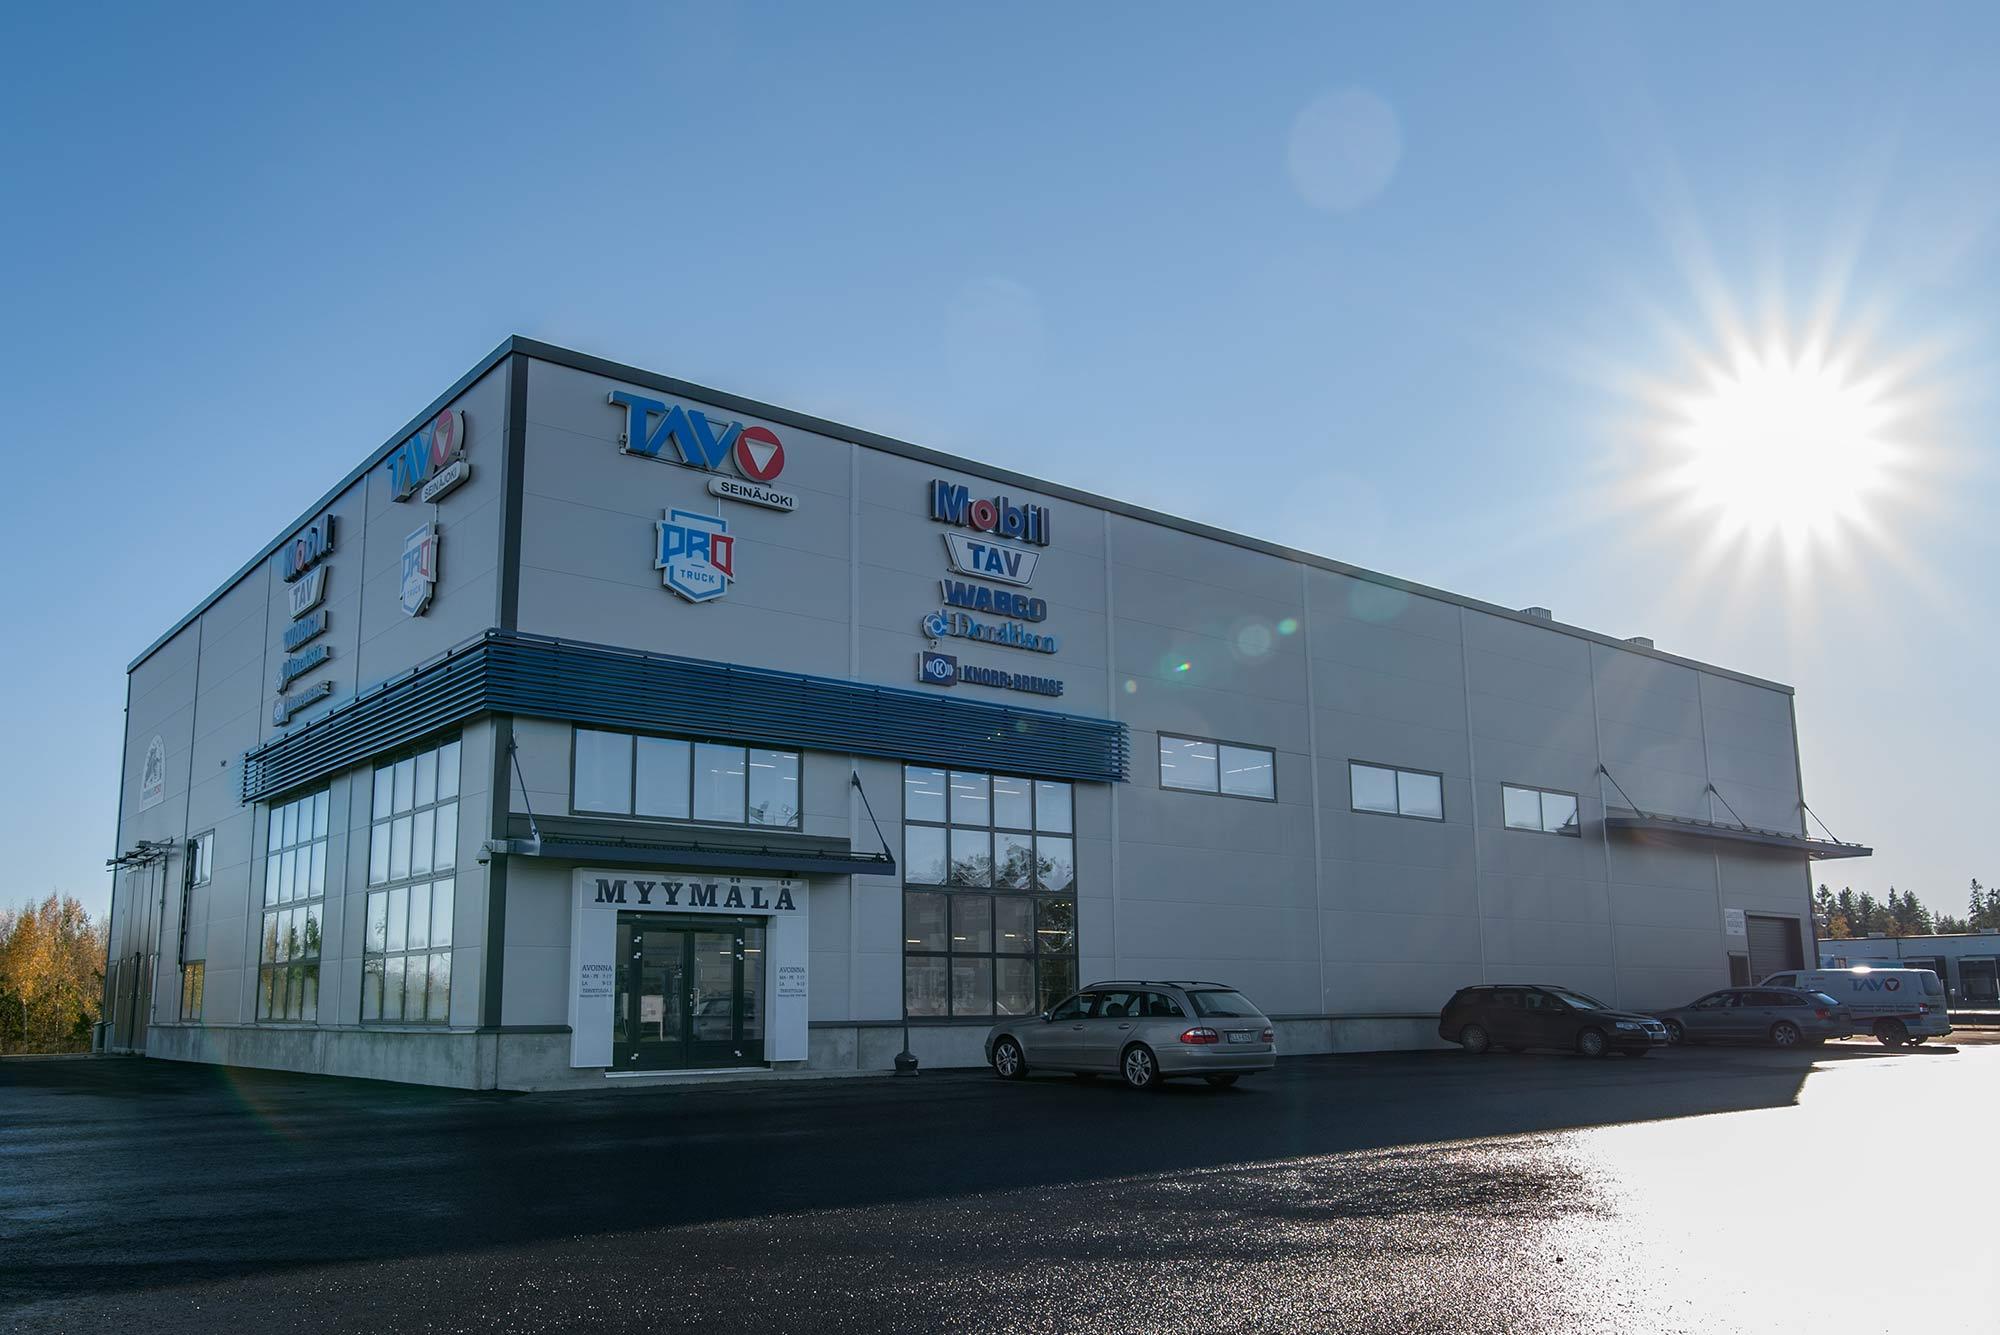 Trutec Oy toteutti TAVO Seinäjoen uusien toimitilojen hallipaketin aliurakkana M. Korte Oy:lle. Trutec Oy toteutti toimitilan rakennesuunnittelun, teräsrakenteiden ja kuorien toimituksen sekä asennuksen.